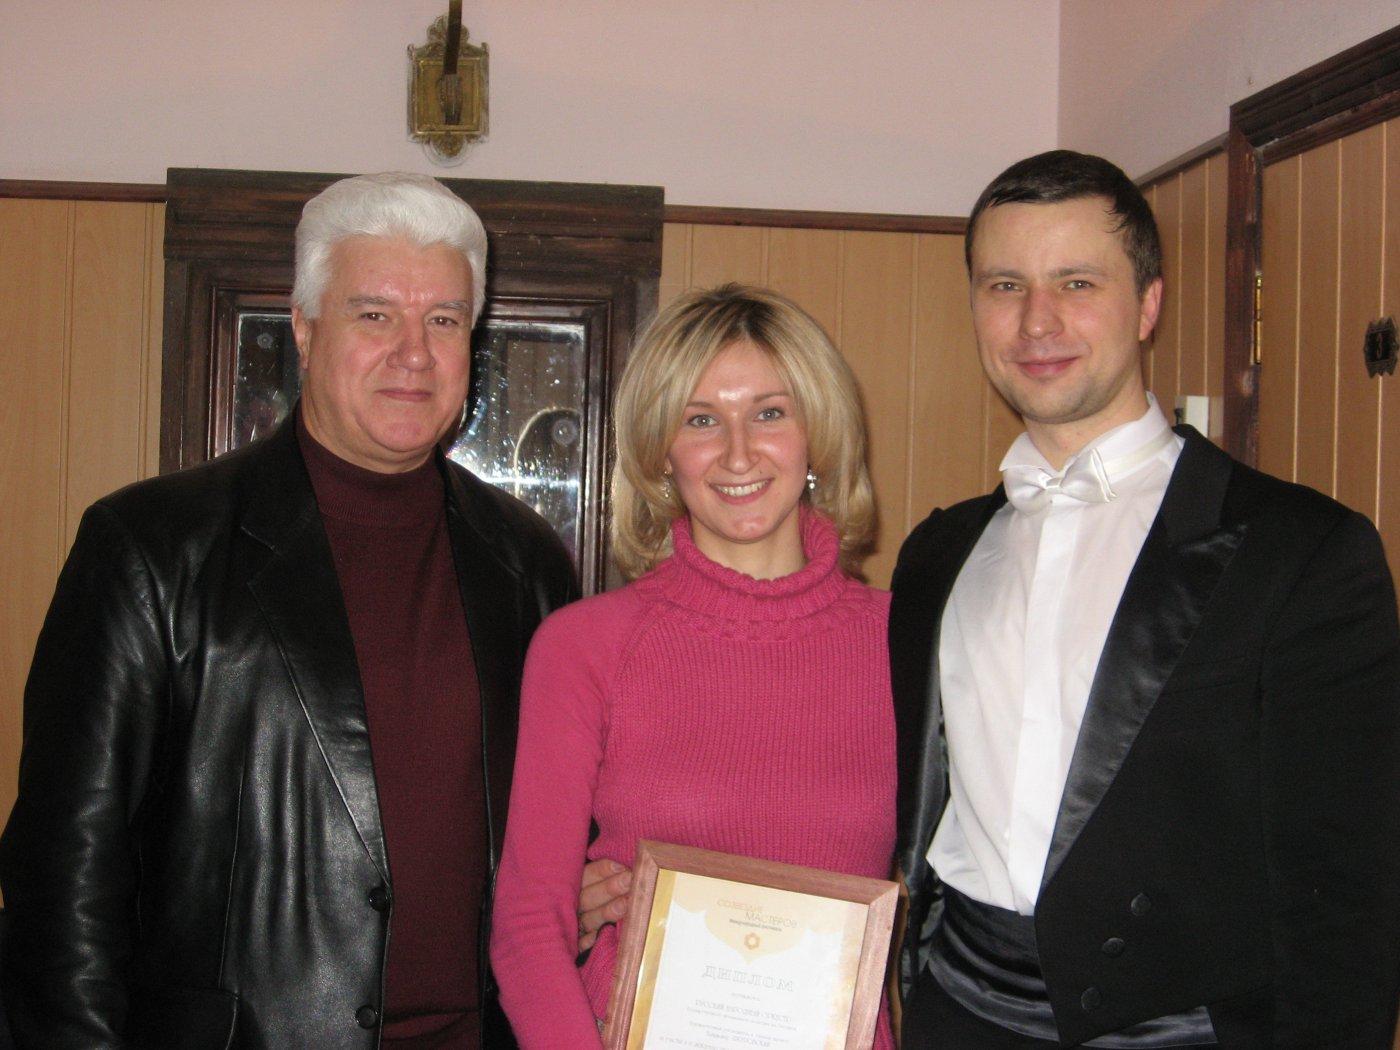 Борис Сергеевич Ворон, Анна и Владимир Шкуровский